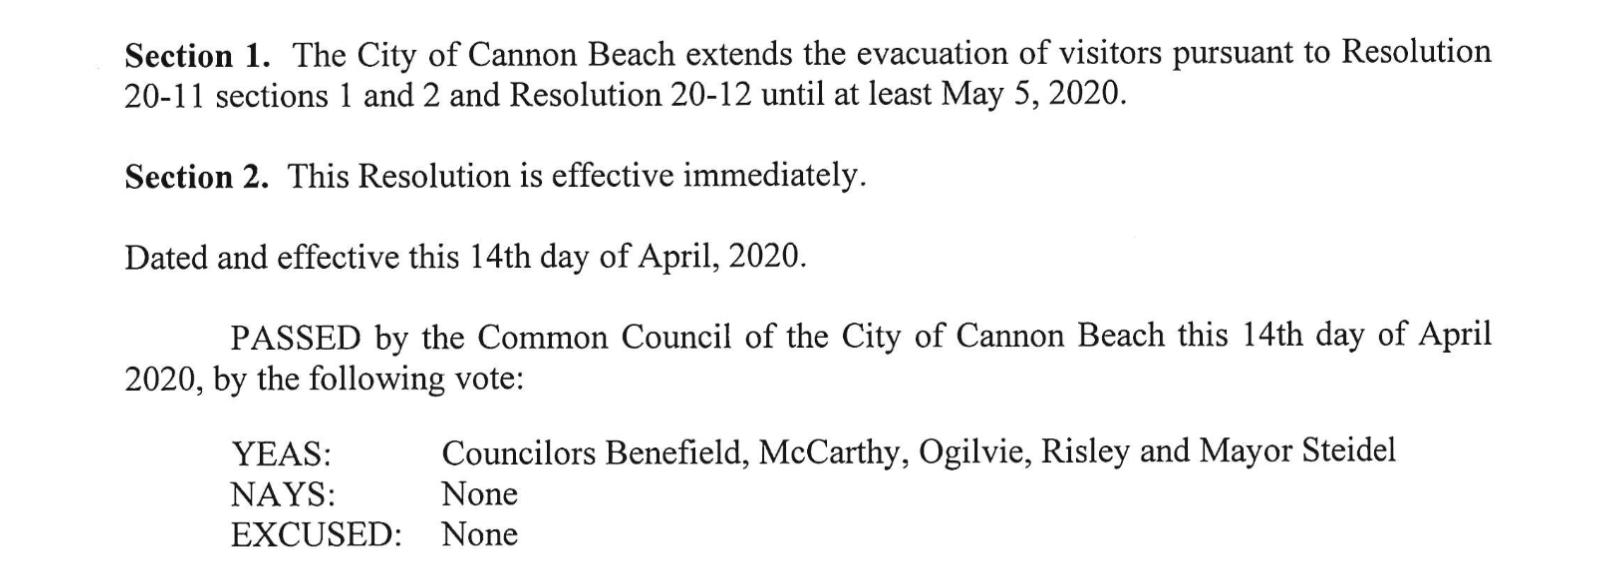 City Resolution 20-15